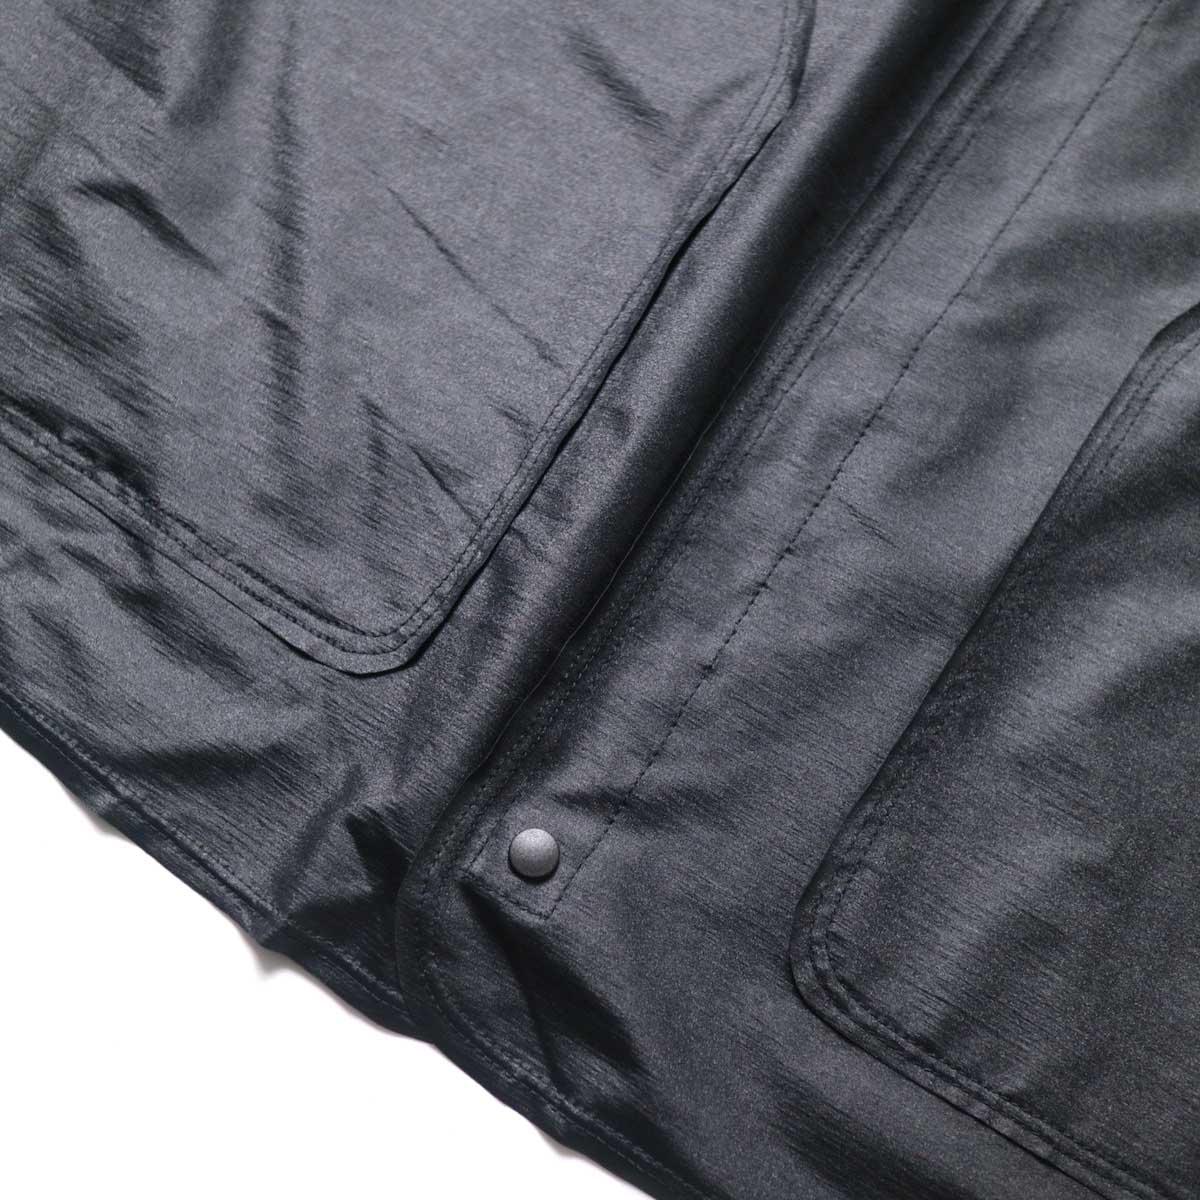 N.HOOLYWOOD / 9211-SH07-010 pieces Shirt Cardigan (Black)裾